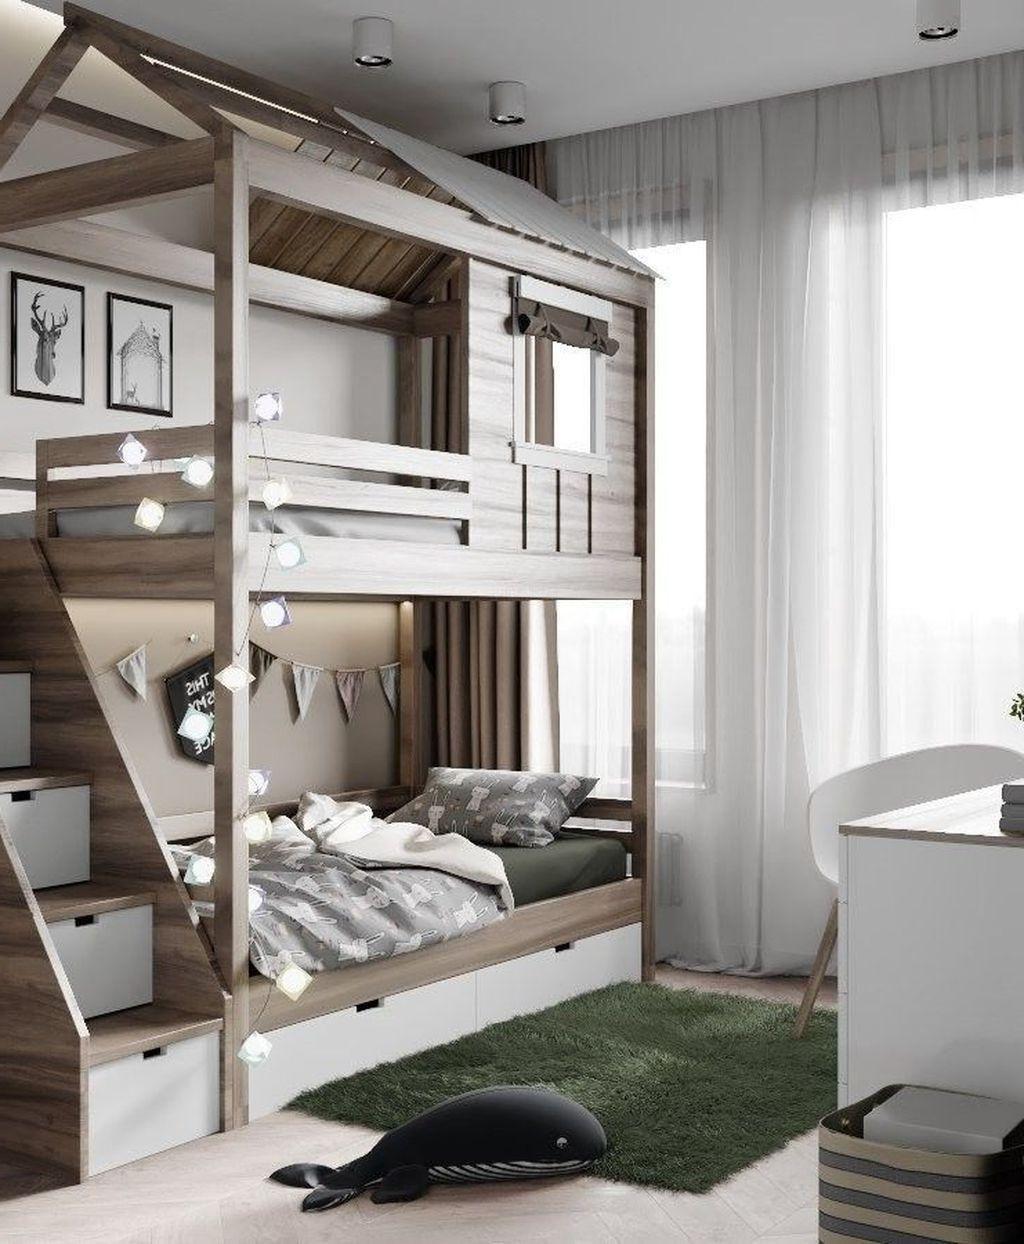 Abordable Enfants Chambre A Coucher Design Idees Qui Sont Adaptes Pour Les Enfant Chambre A Coucher Design Amenagement Chambre Enfant Decor Chambre A Coucher